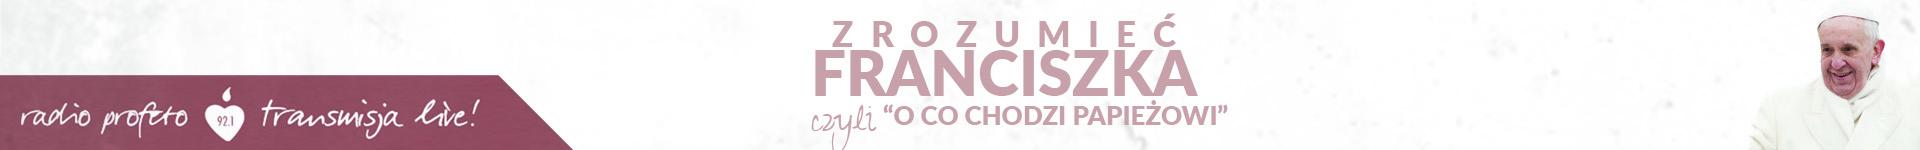 top-menu-banner